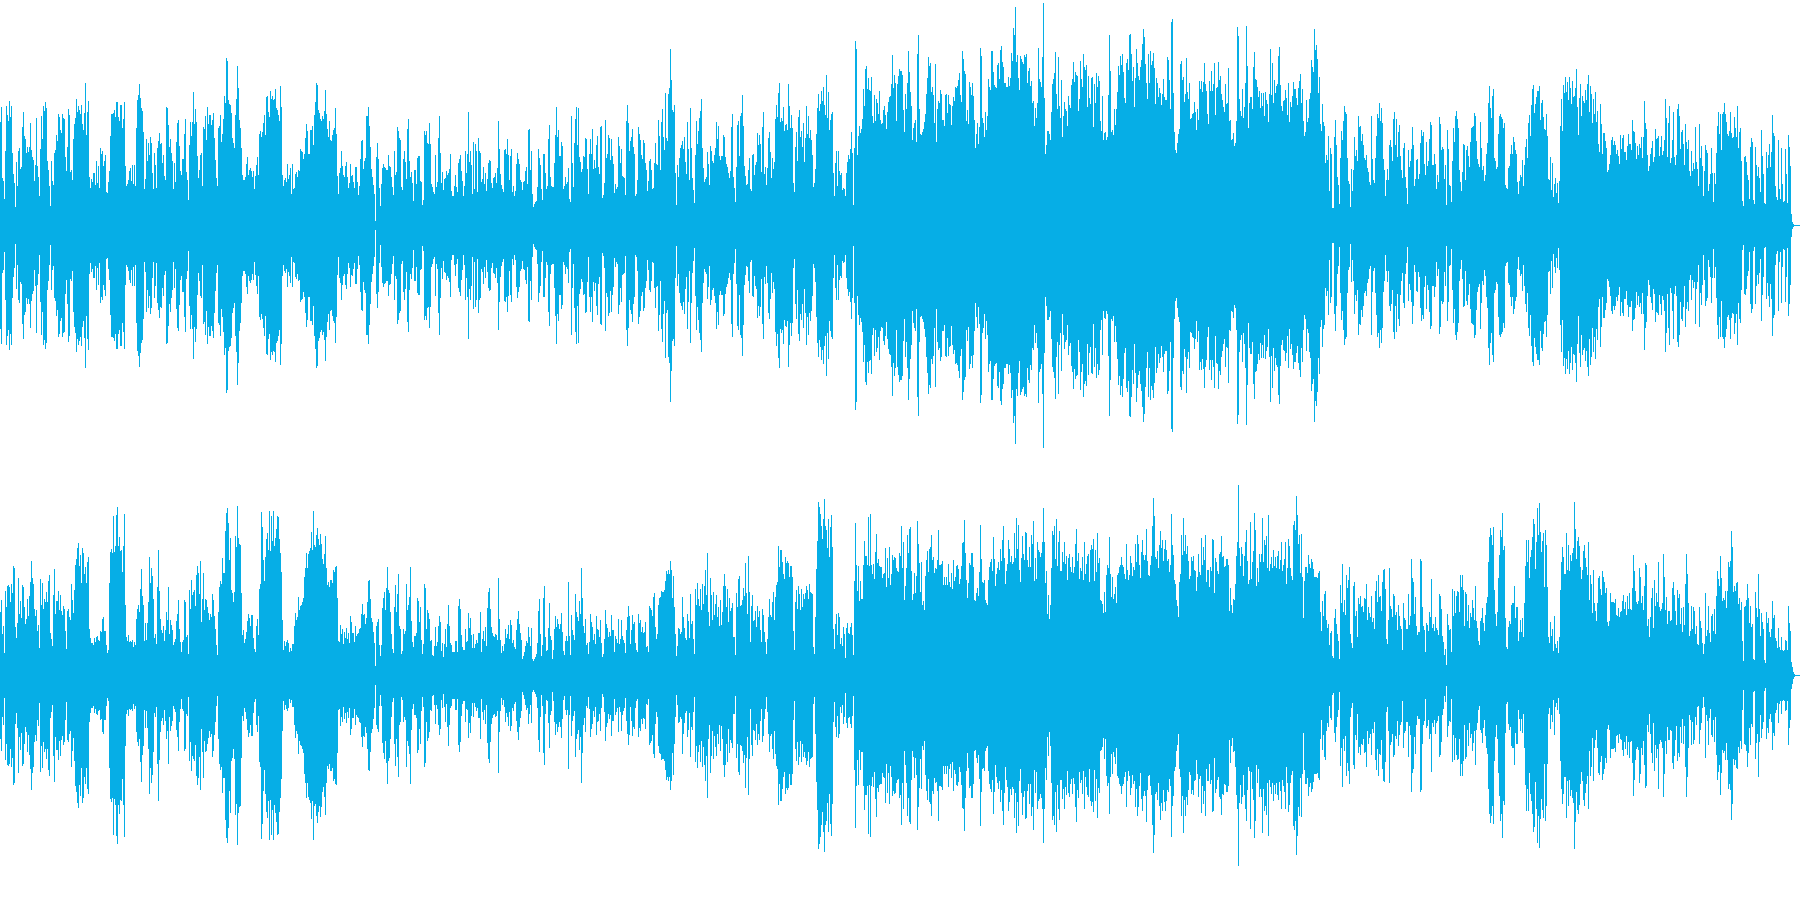 ゆったりとしたロマンチックなピアノ協奏曲の再生済みの波形